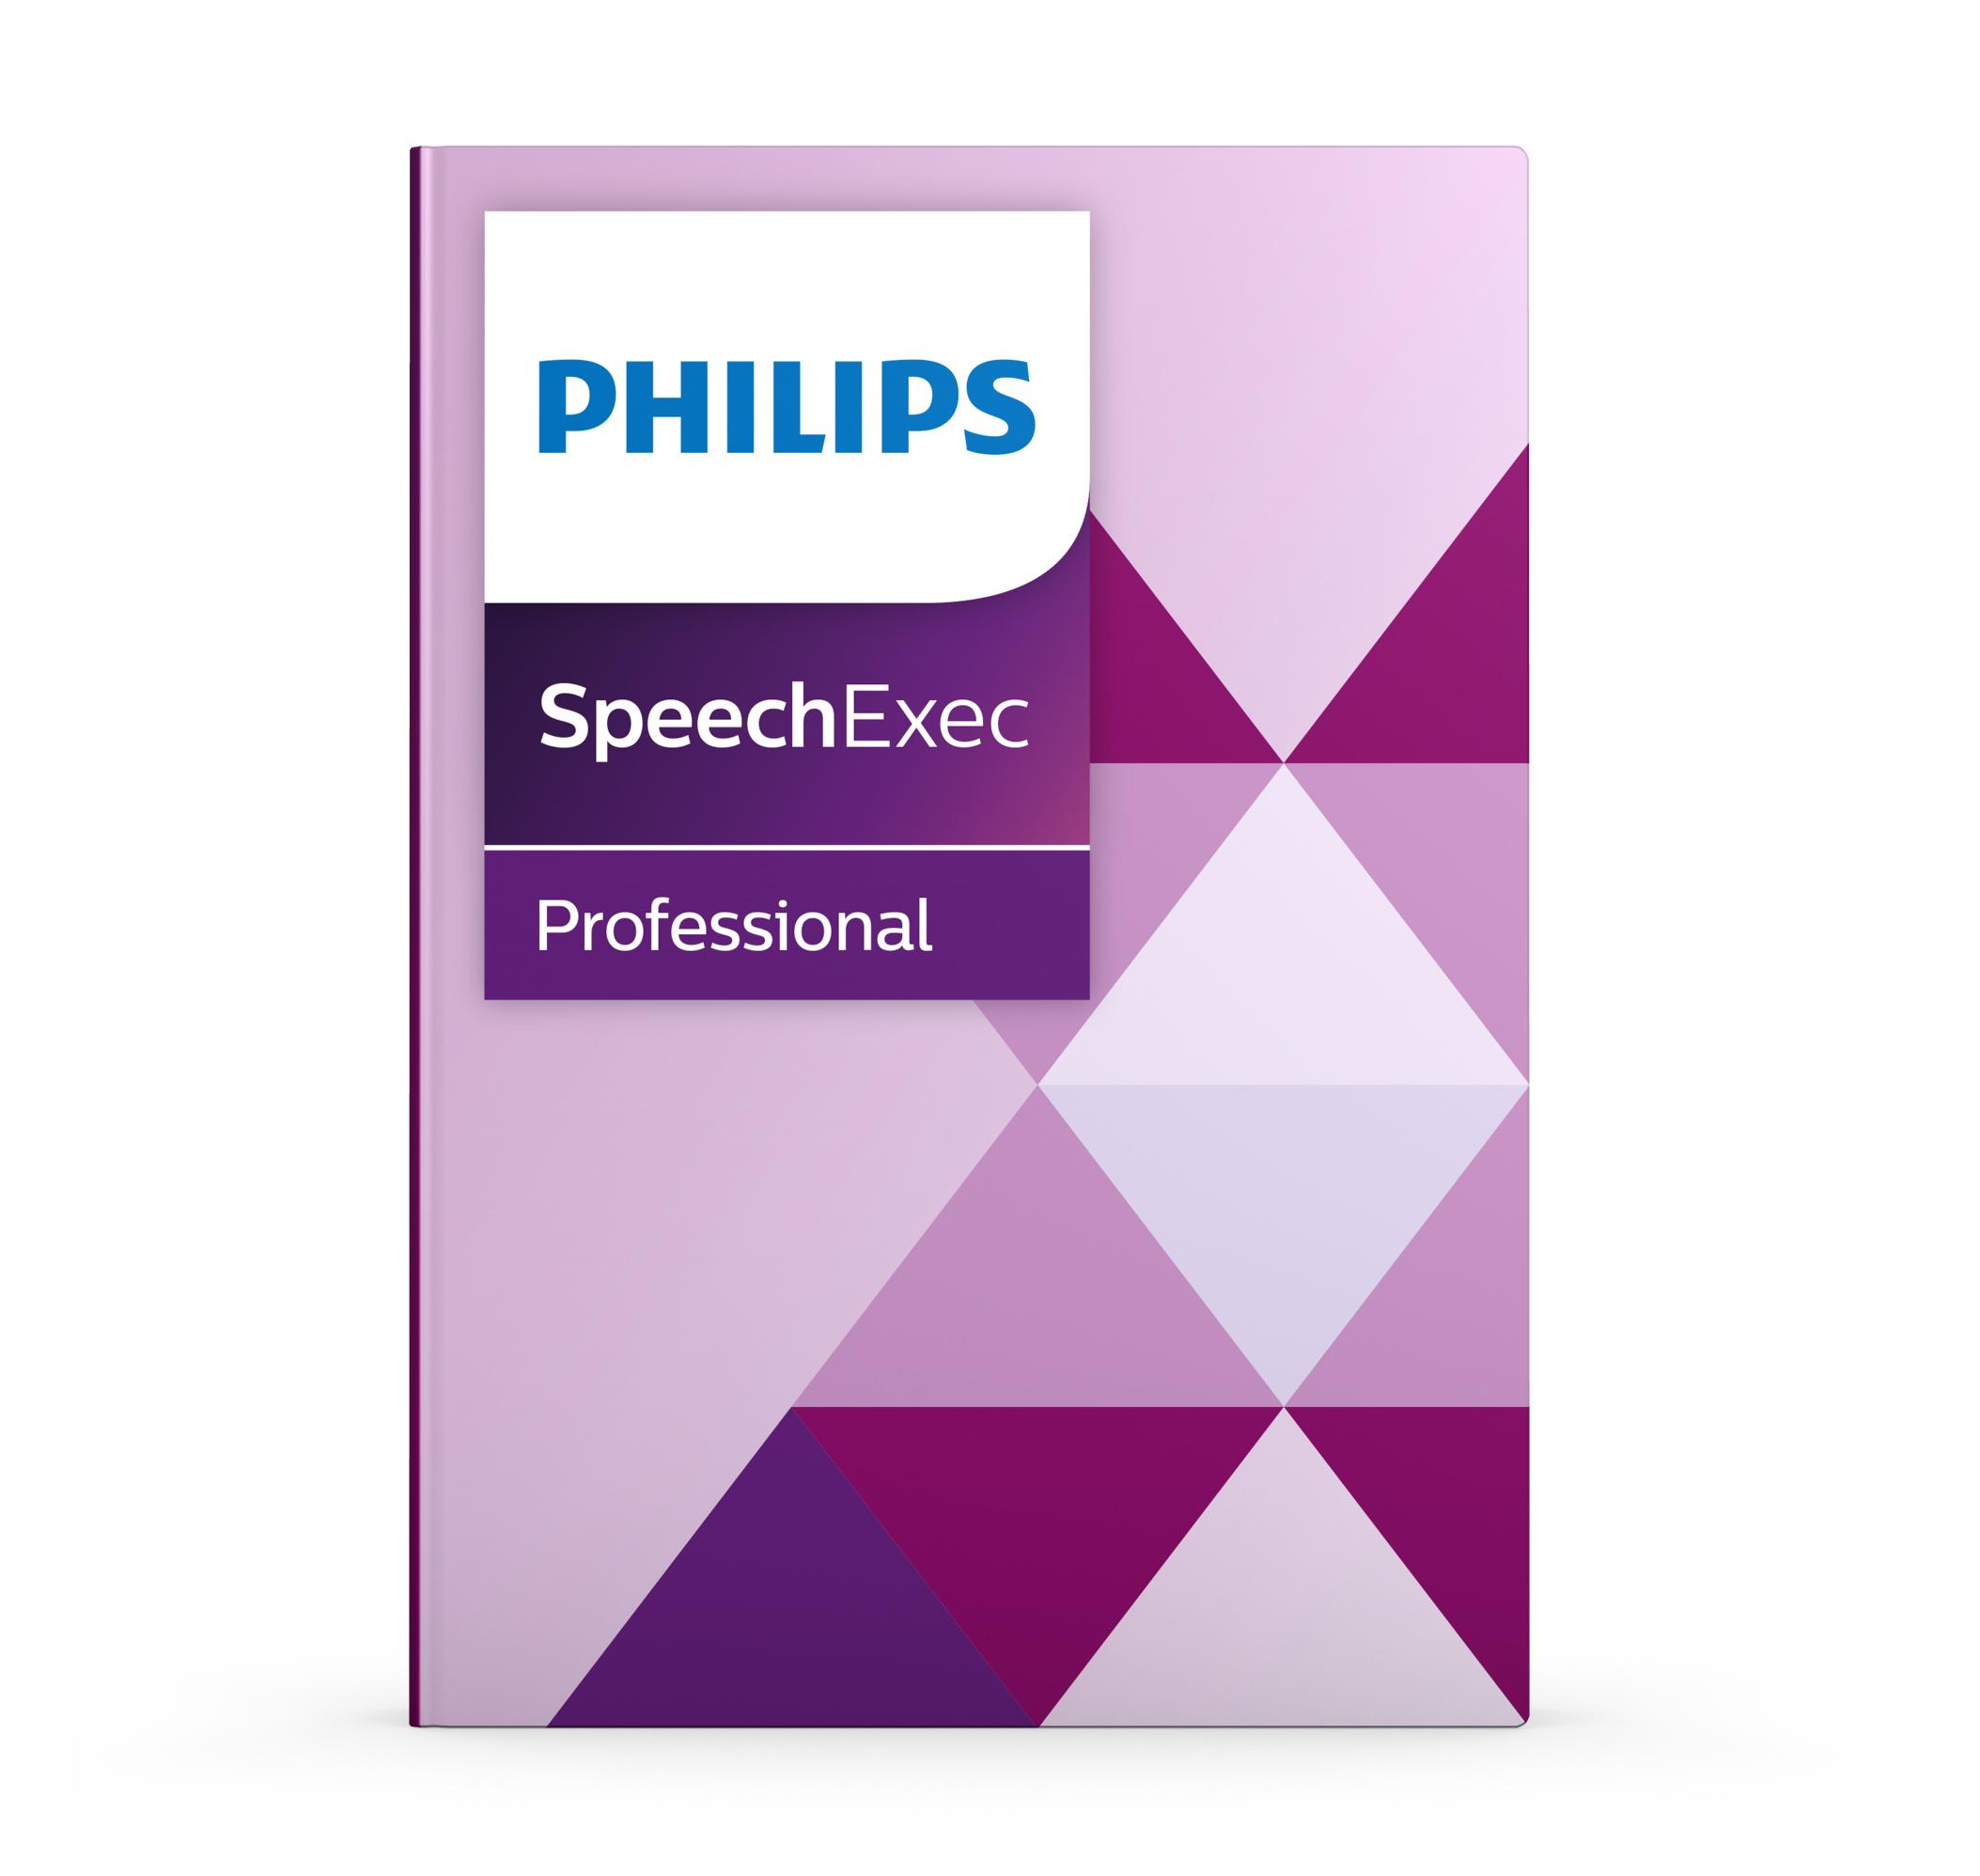 Philips SpeechExec Pro (Photo: Business Wire)